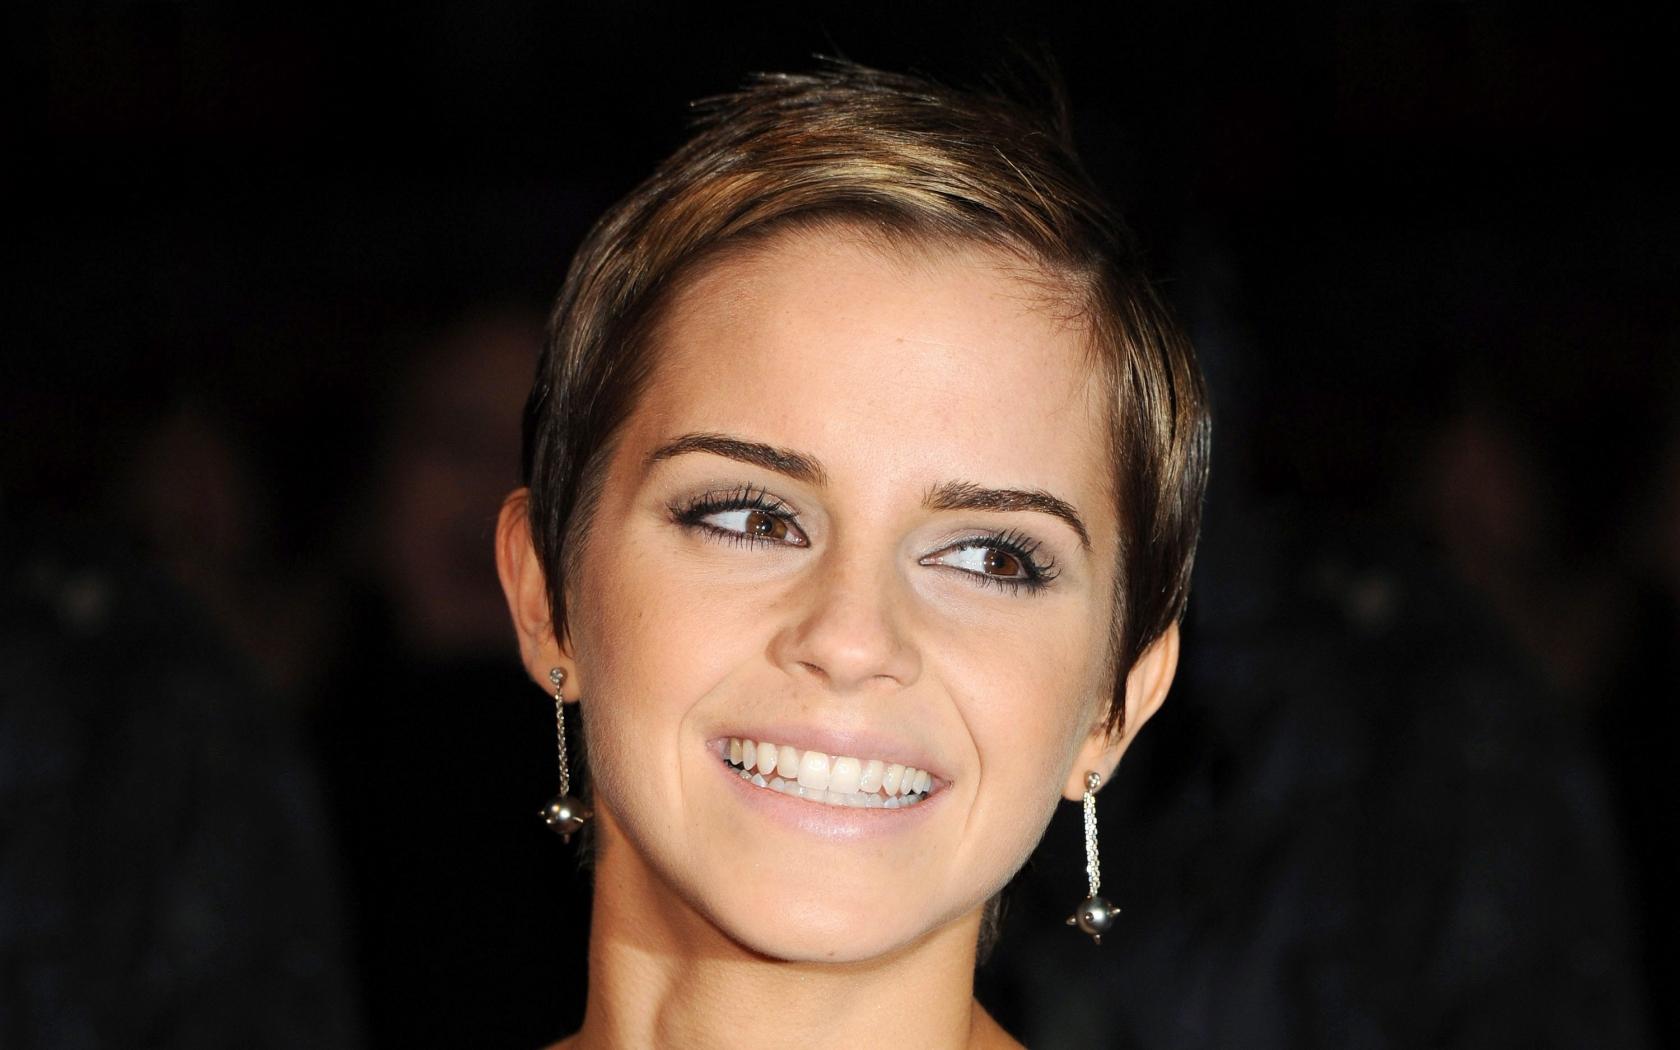 Emma Watson con una bella sonrisa - 1680x1050